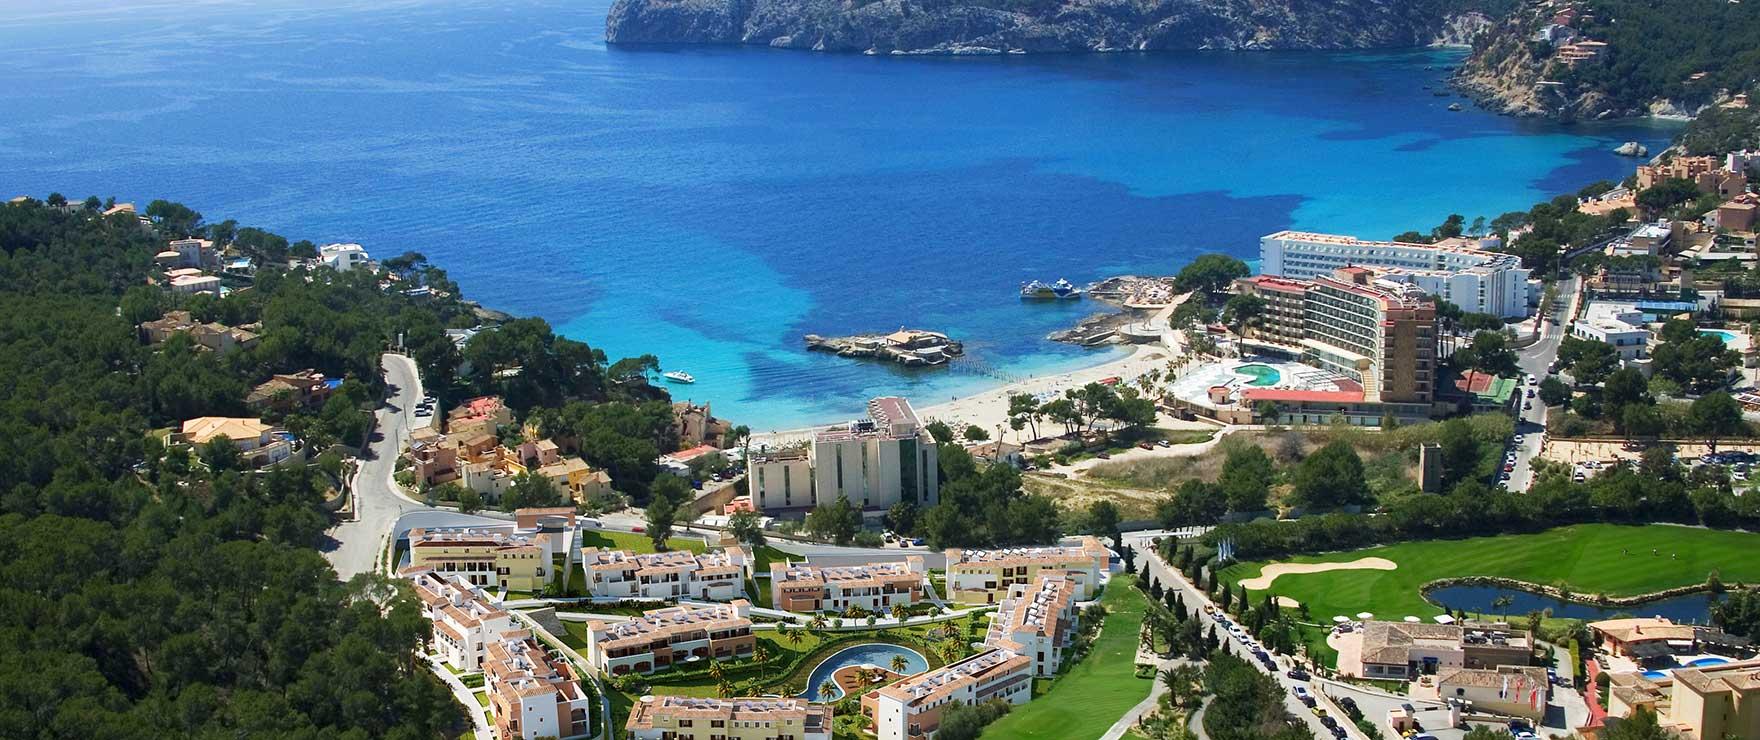 Camp de Mar Beach - Puerto Andratx (Mallorca)